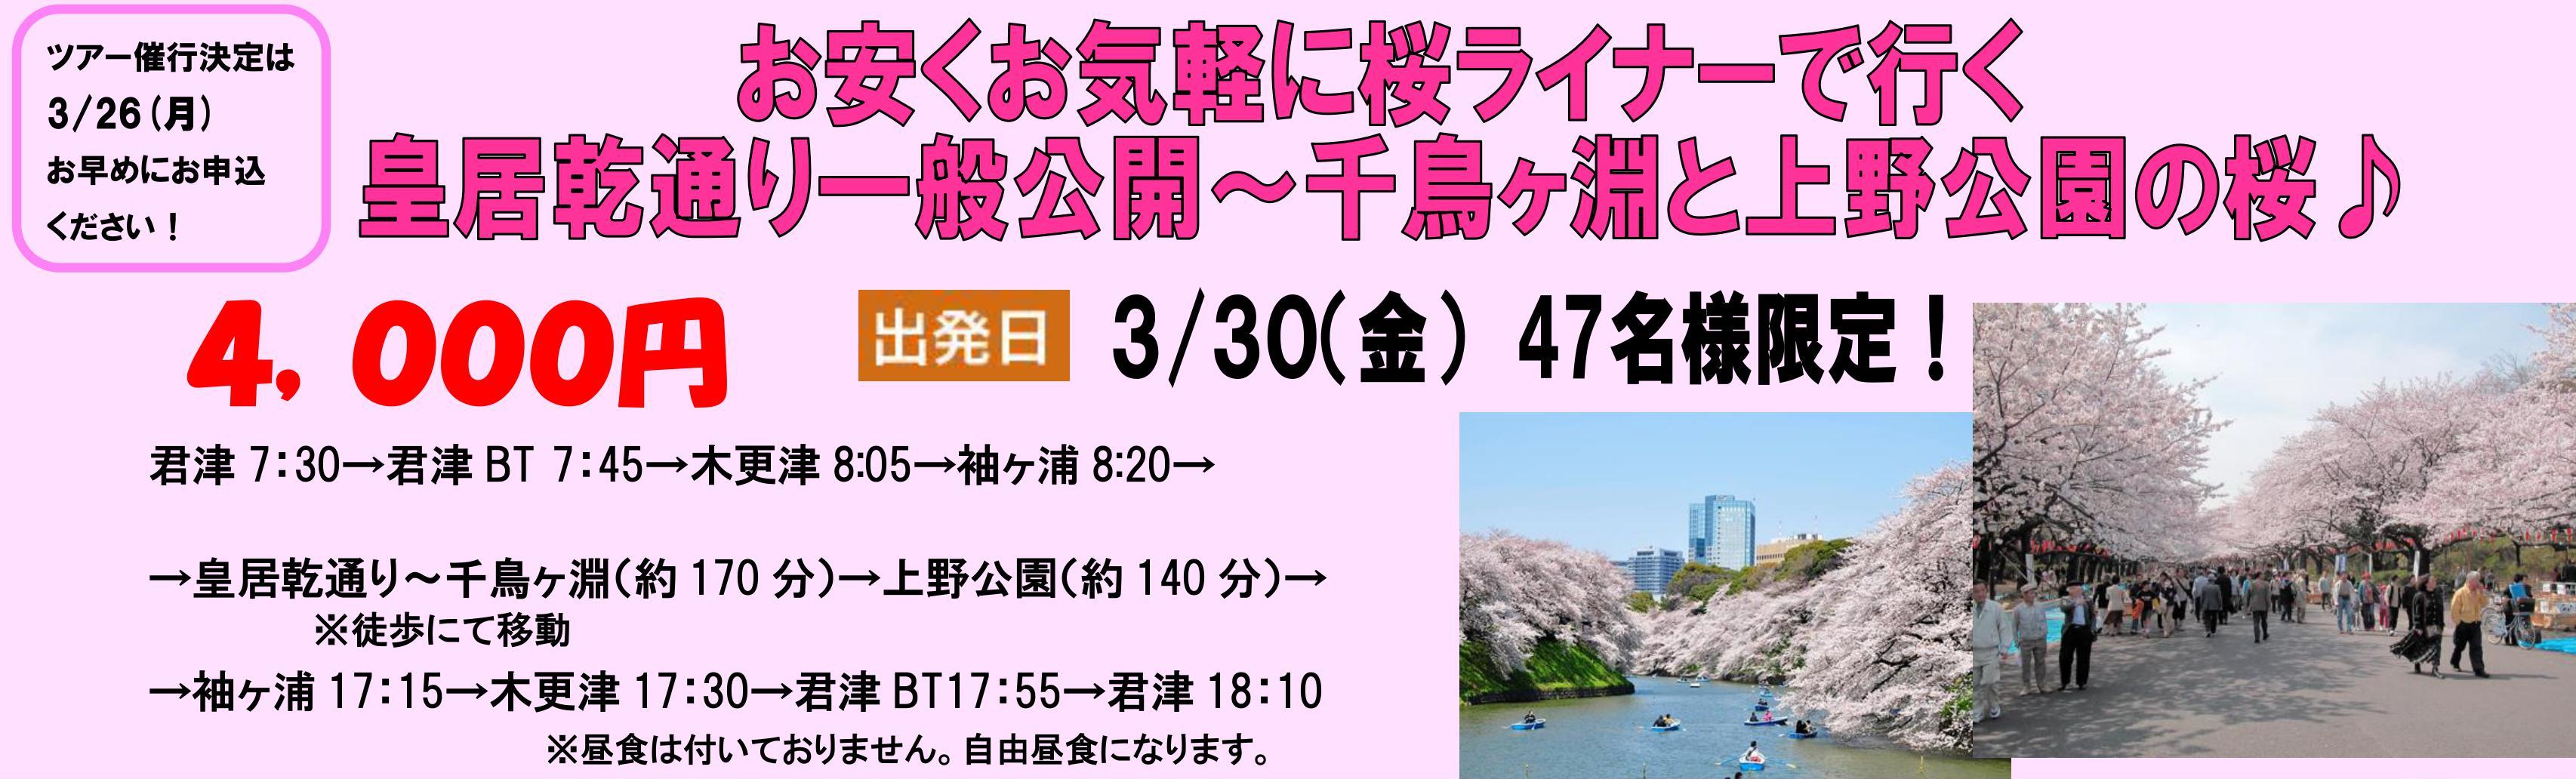 君津・君津BT・木更津・袖ヶ浦出...